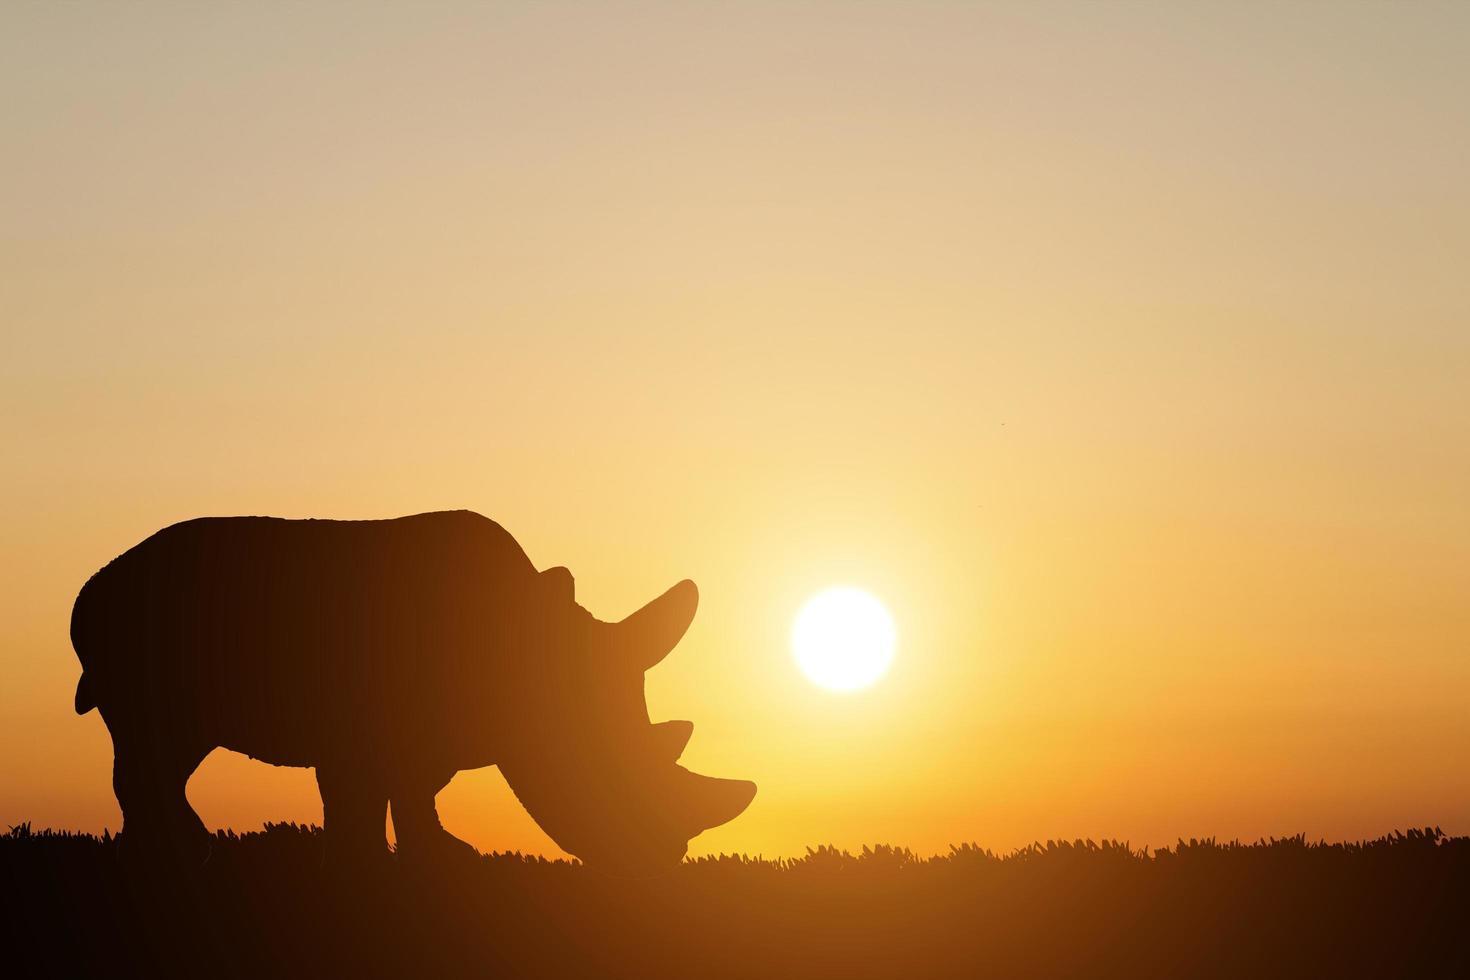 silhouet van een neushoorn op zonsondergang achtergrond foto